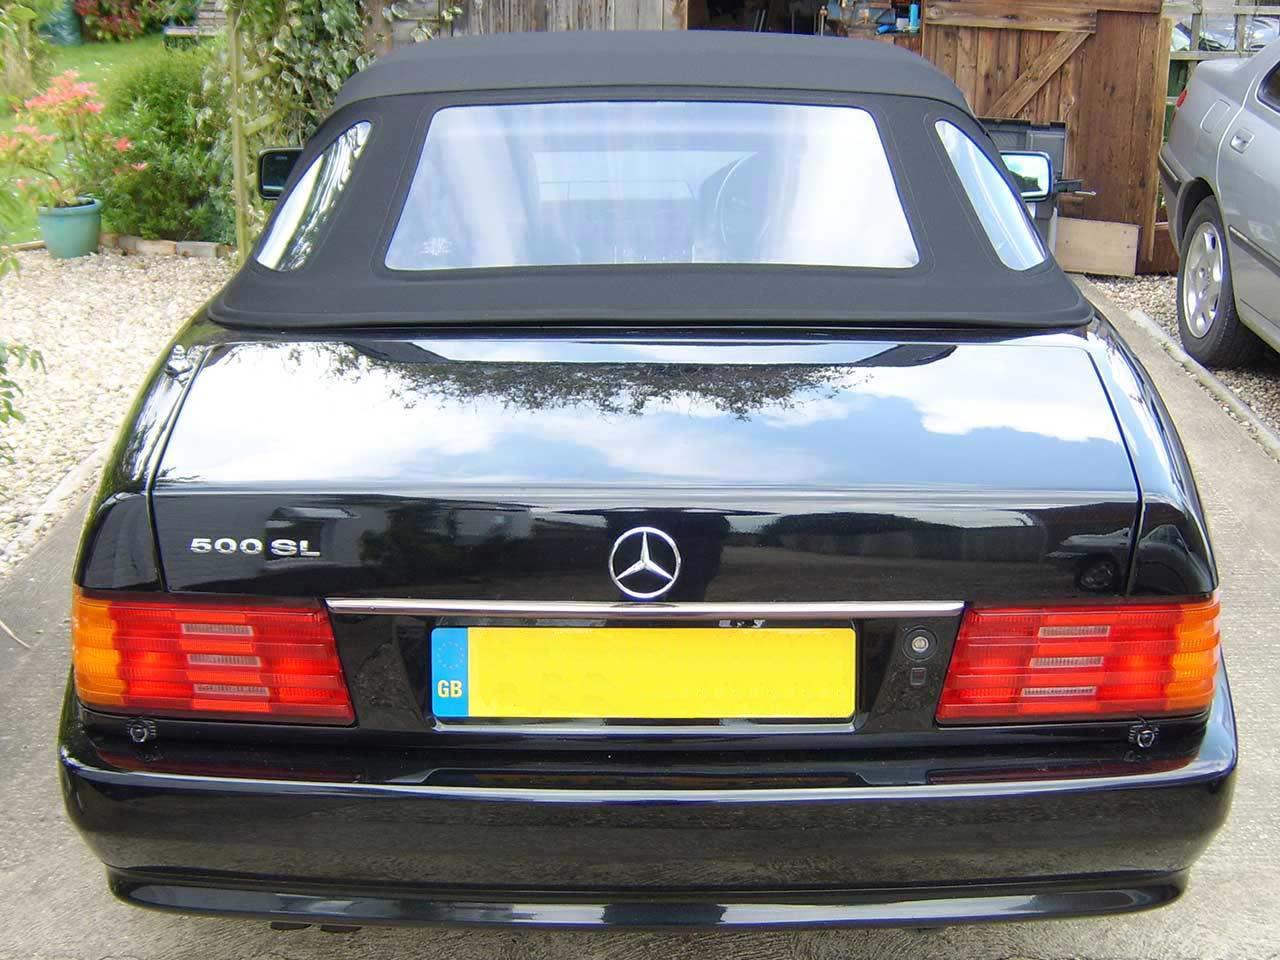 Soft Top Car Hood Replacement Norwich Norfolk Top Job Convertible Hoods 07876 632536